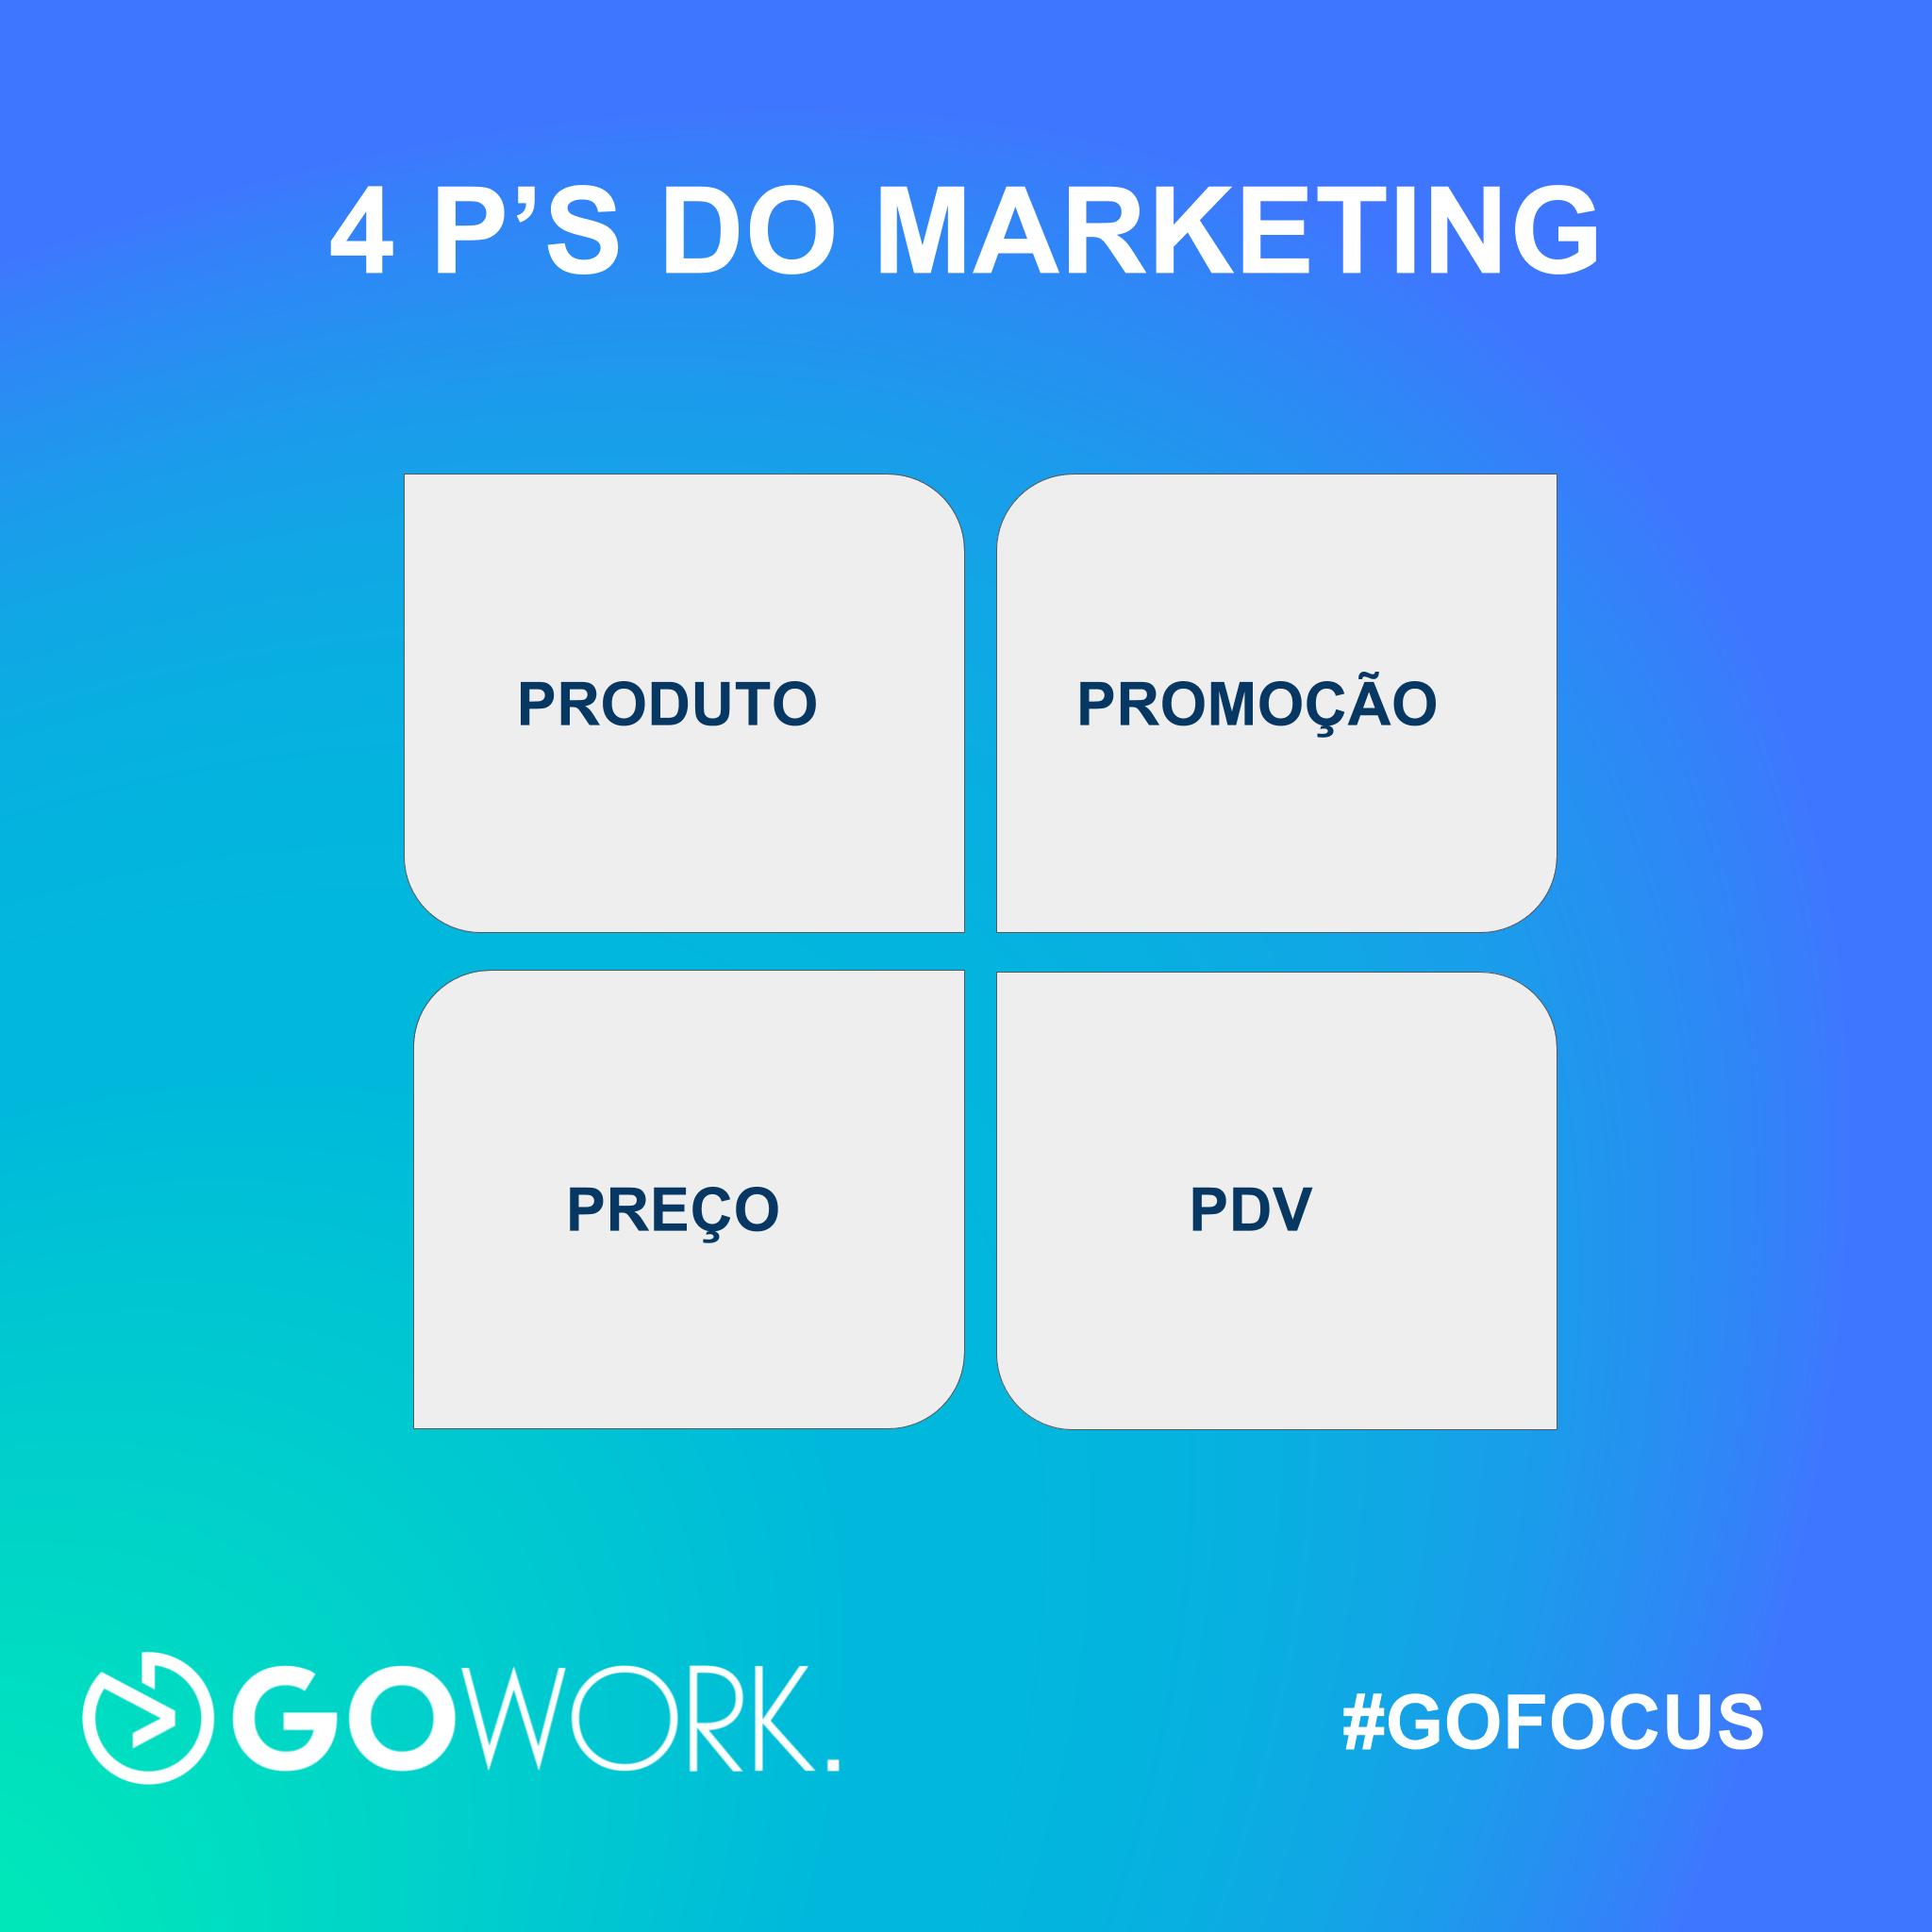 4ps do marketing para sucesso empresa